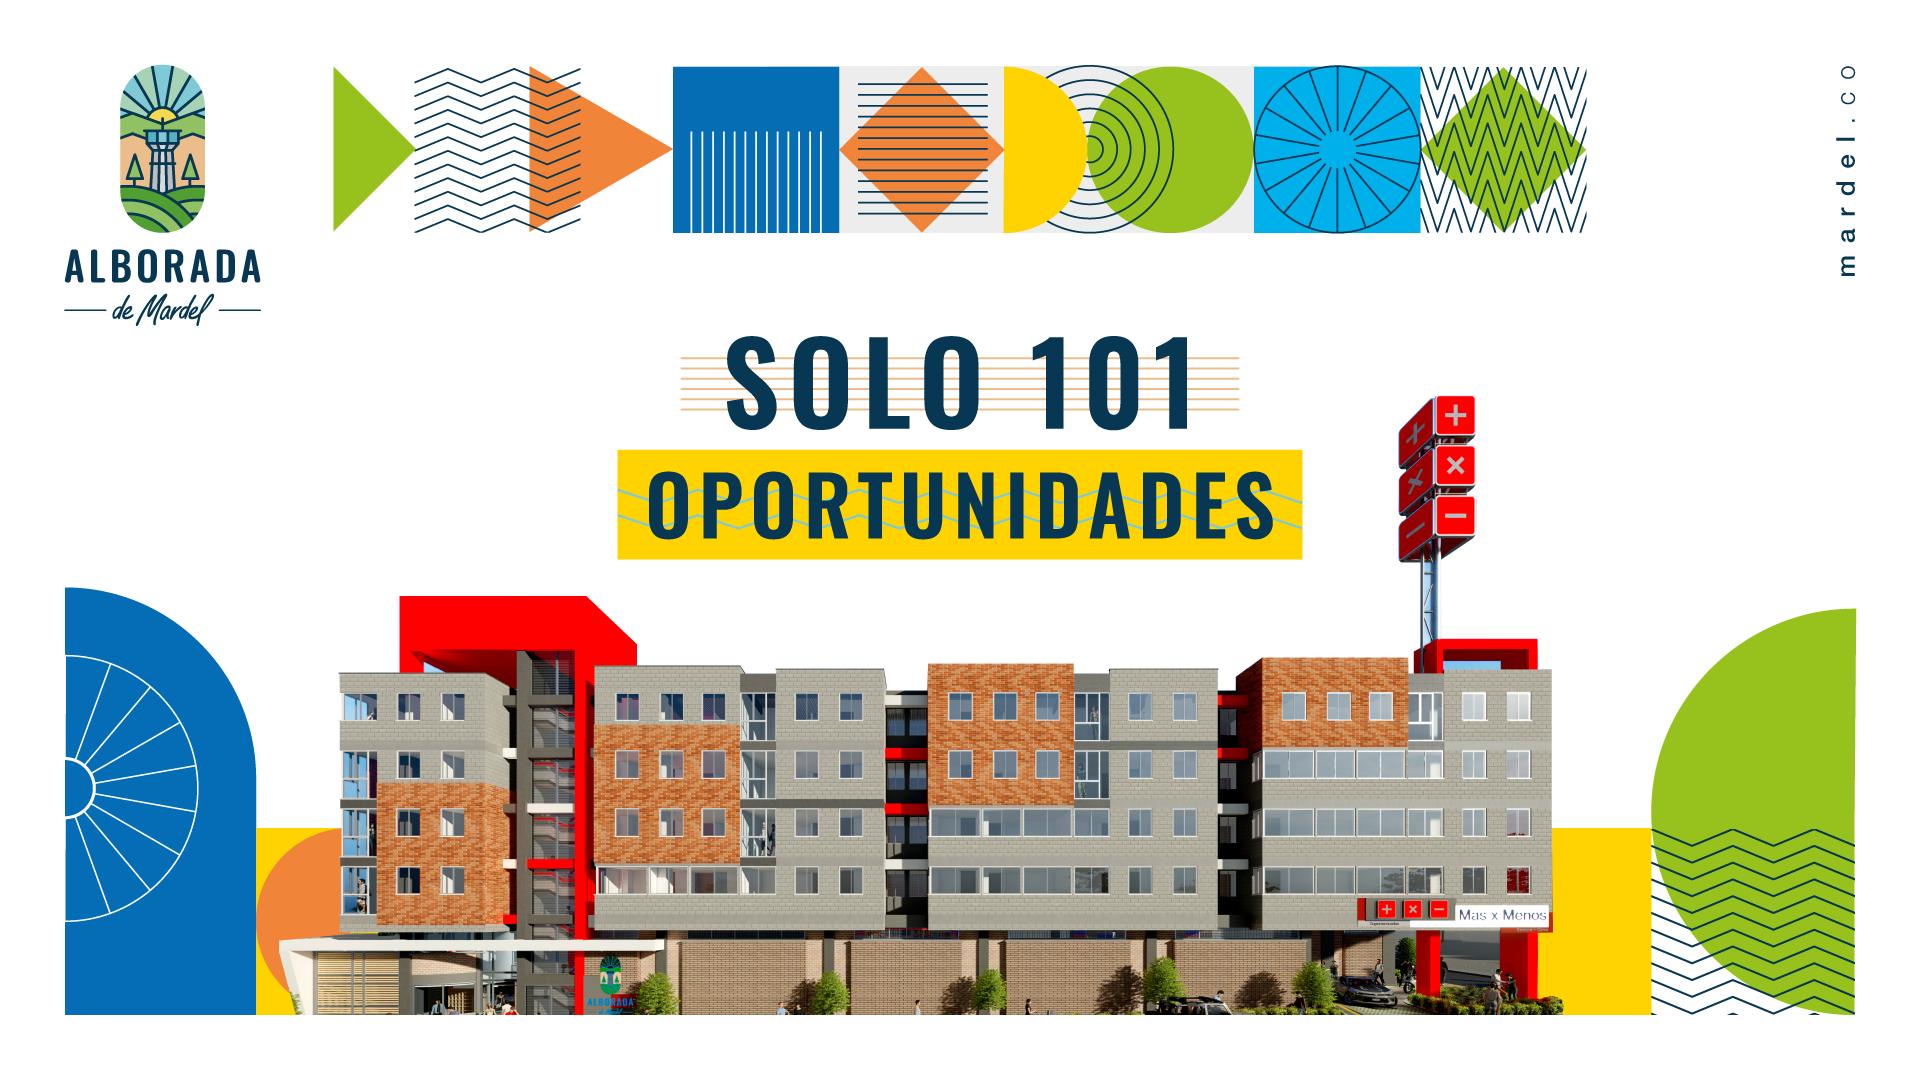 Alborada de Mardel, Vivienda de Interés prioritario, La Cumbre Floridablanca Santander